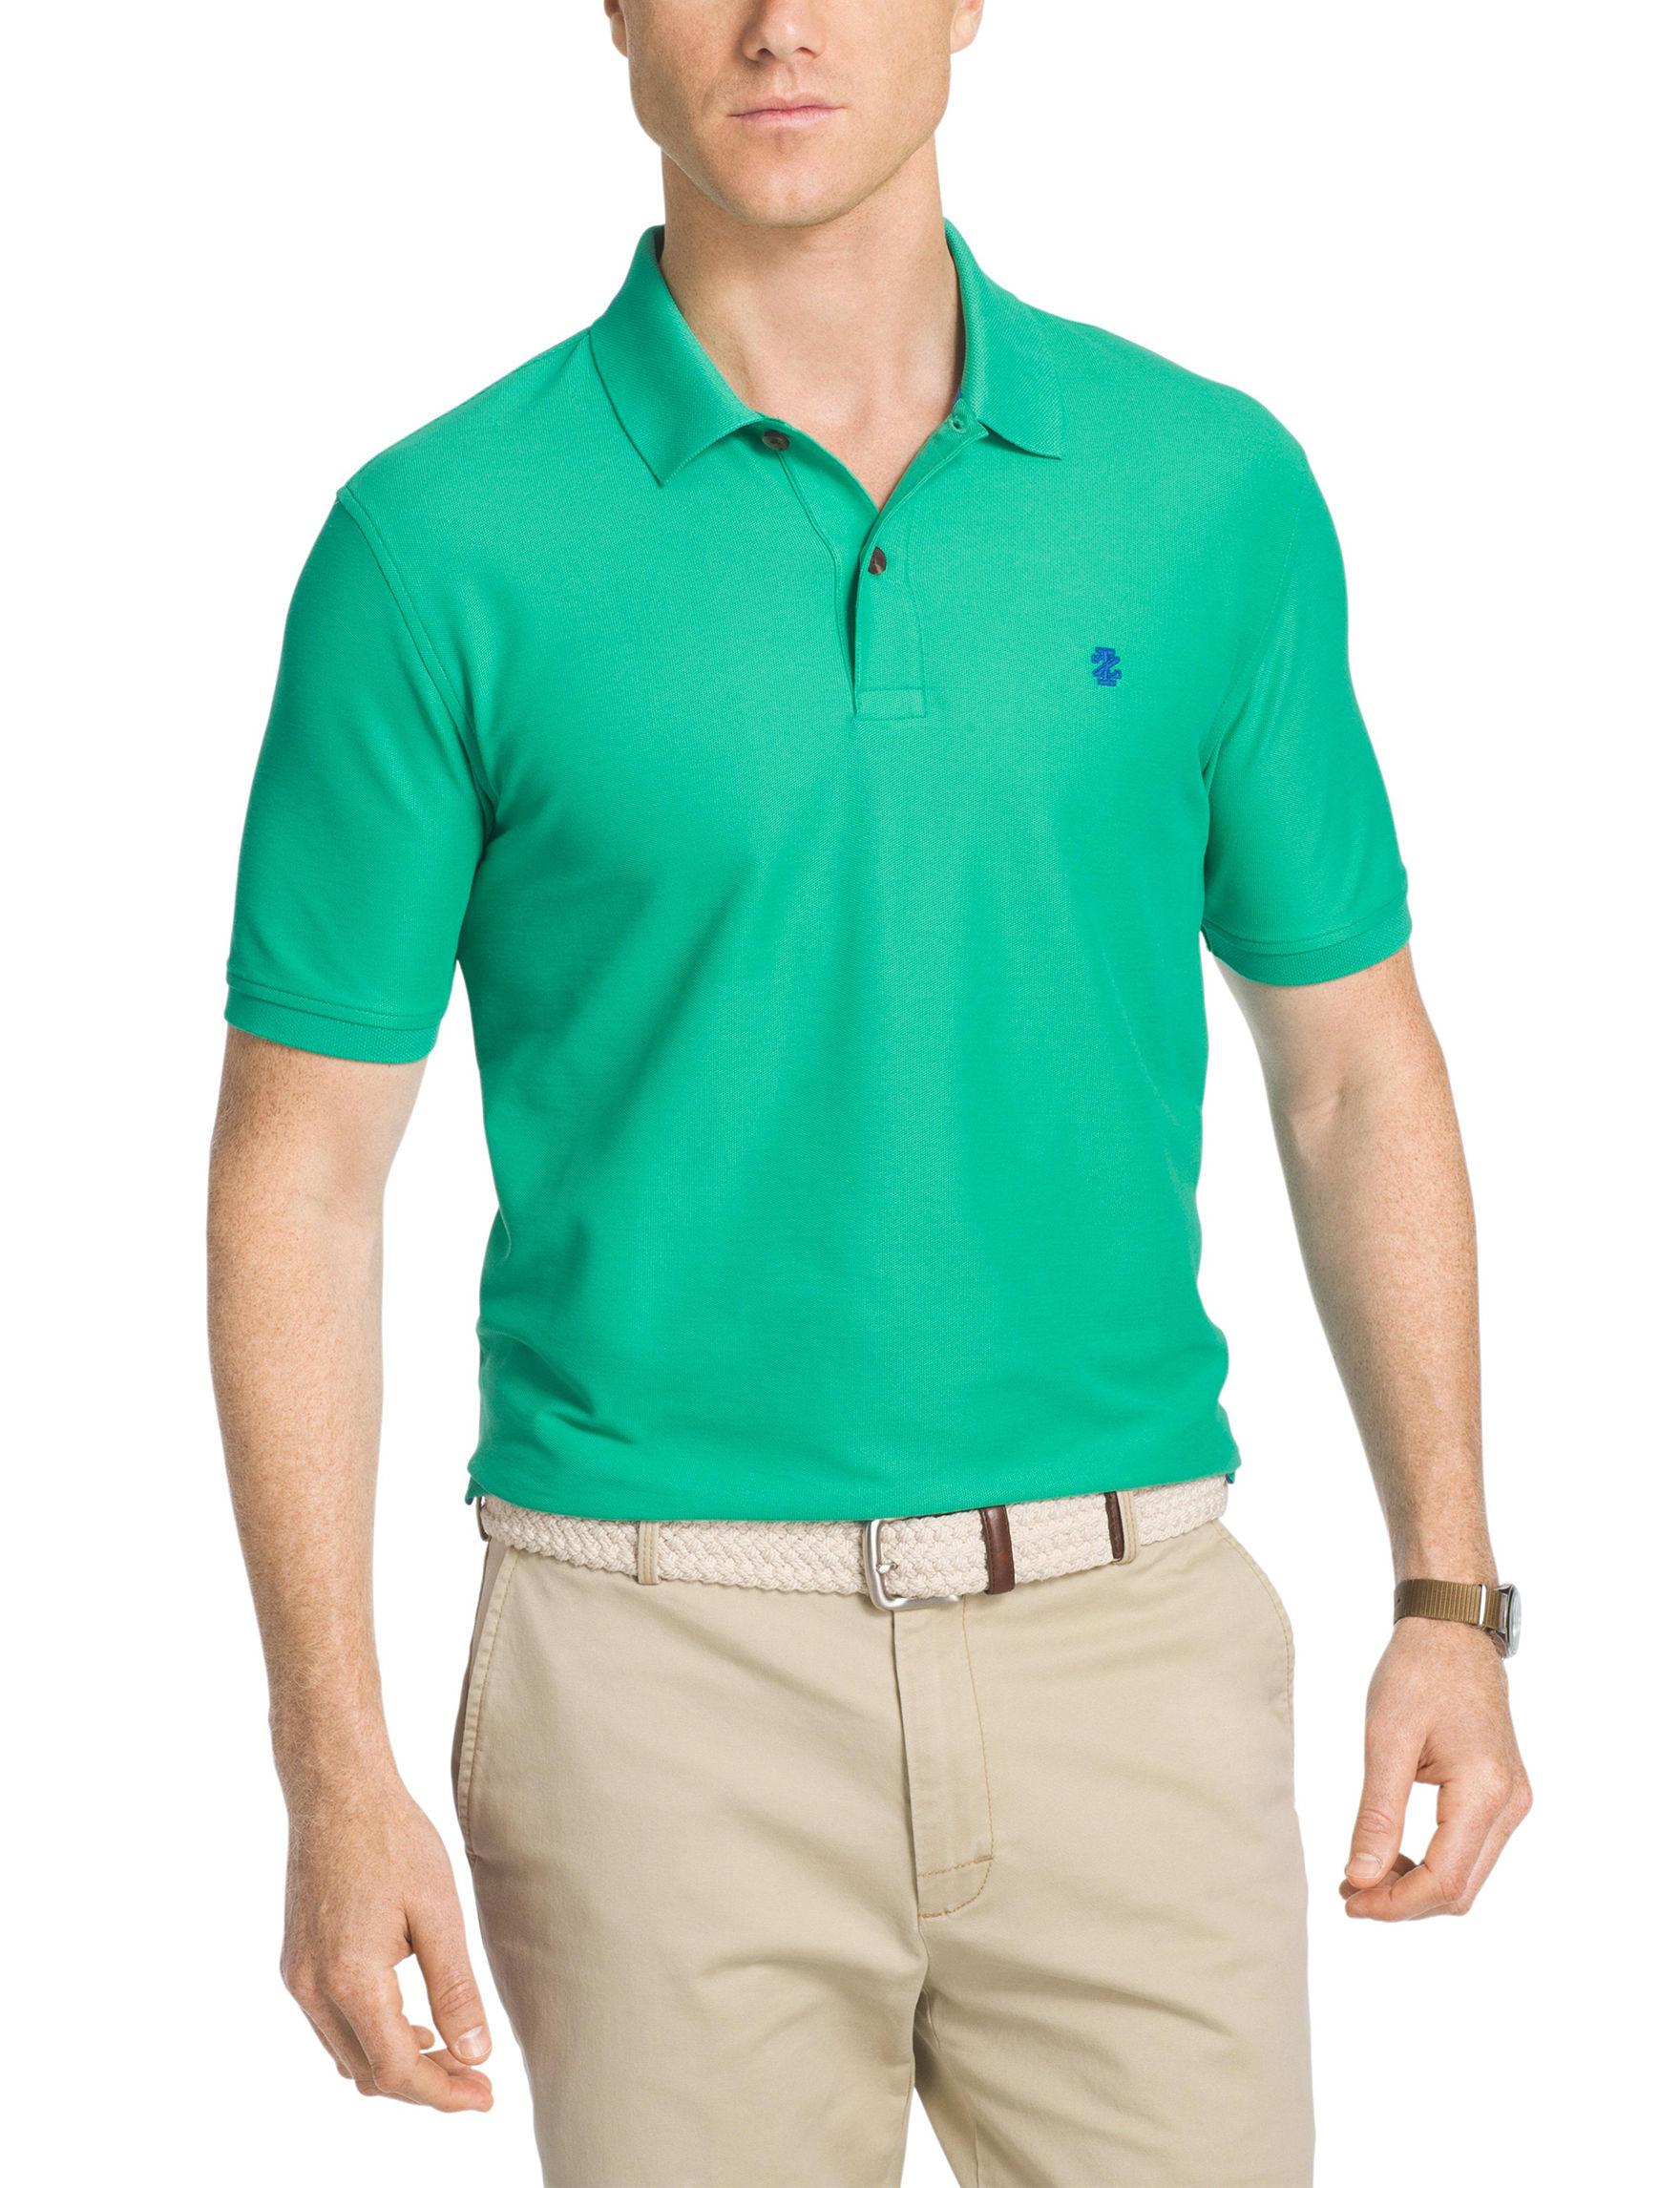 Izod Green Polos